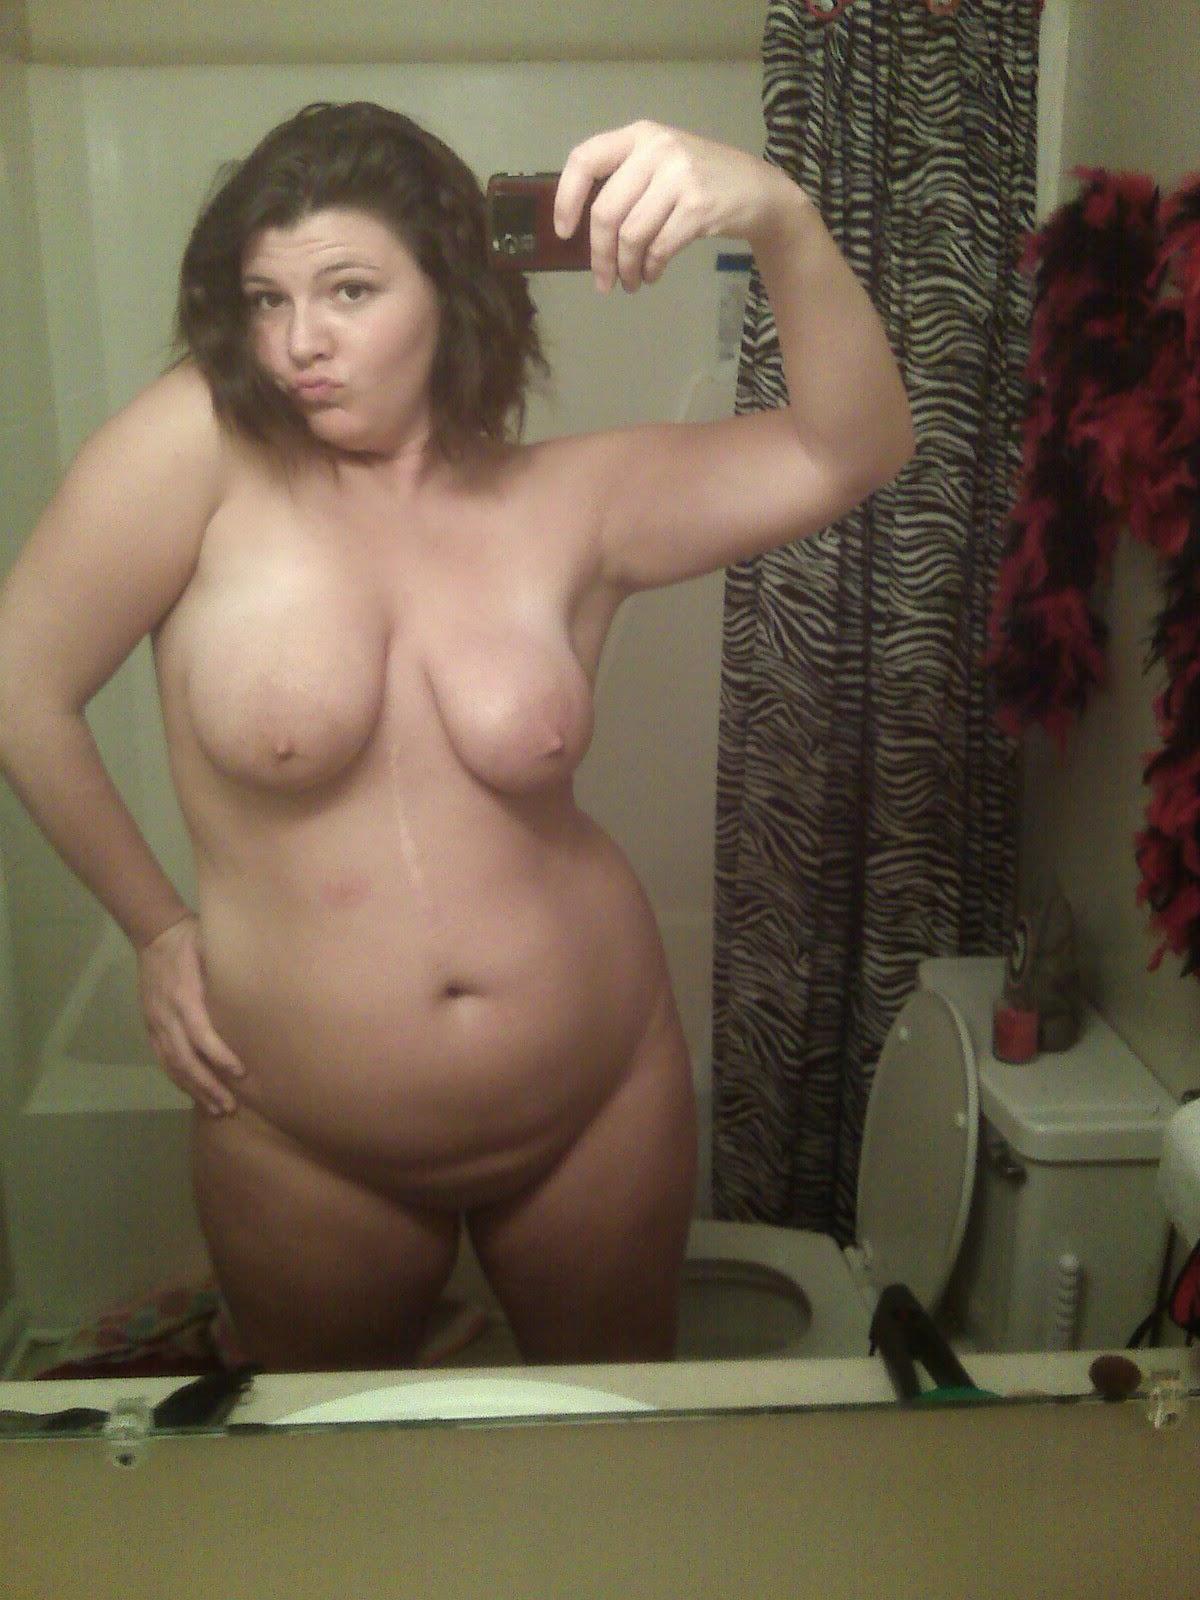 Yummy big tits